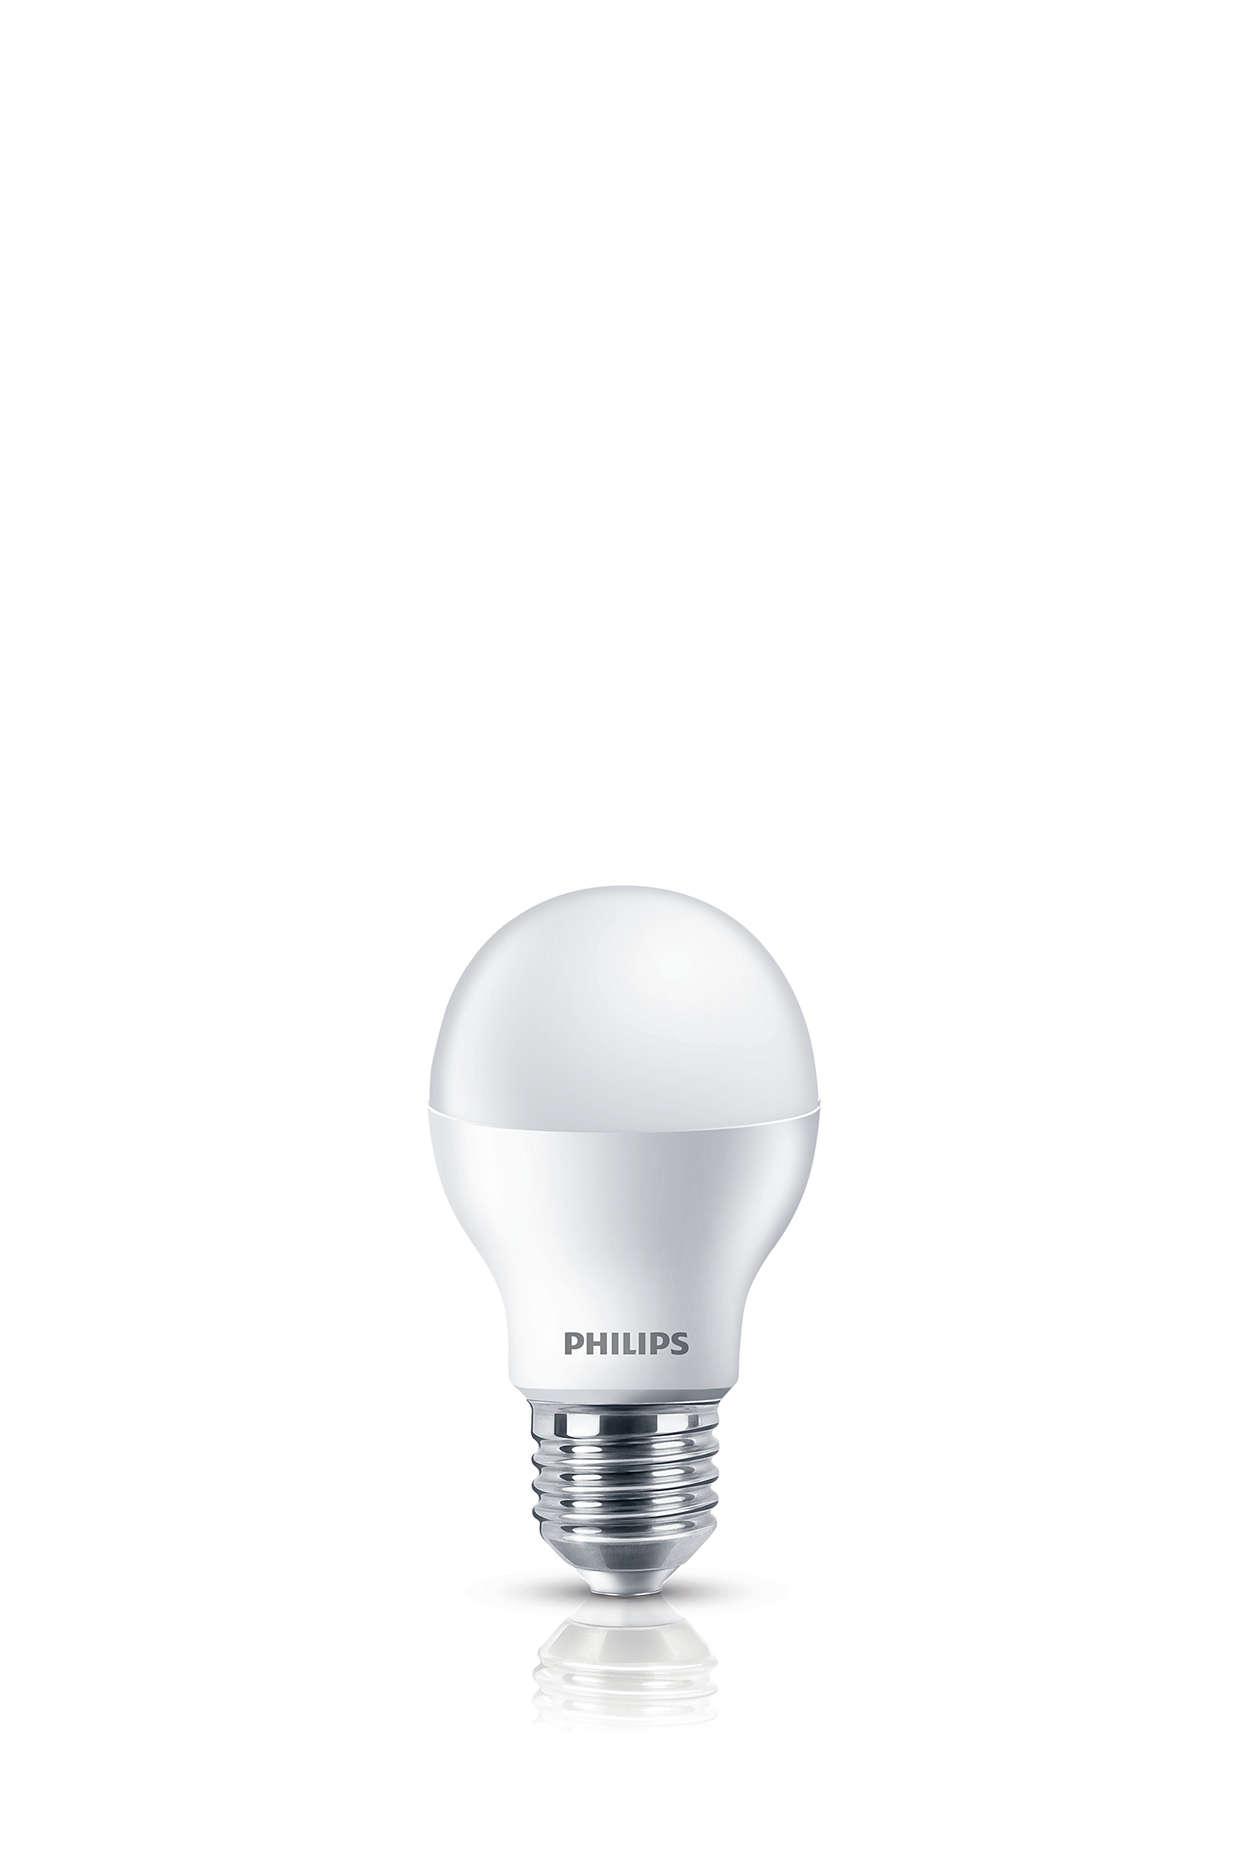 Найсучасніша світлодіодна лампа для оселі